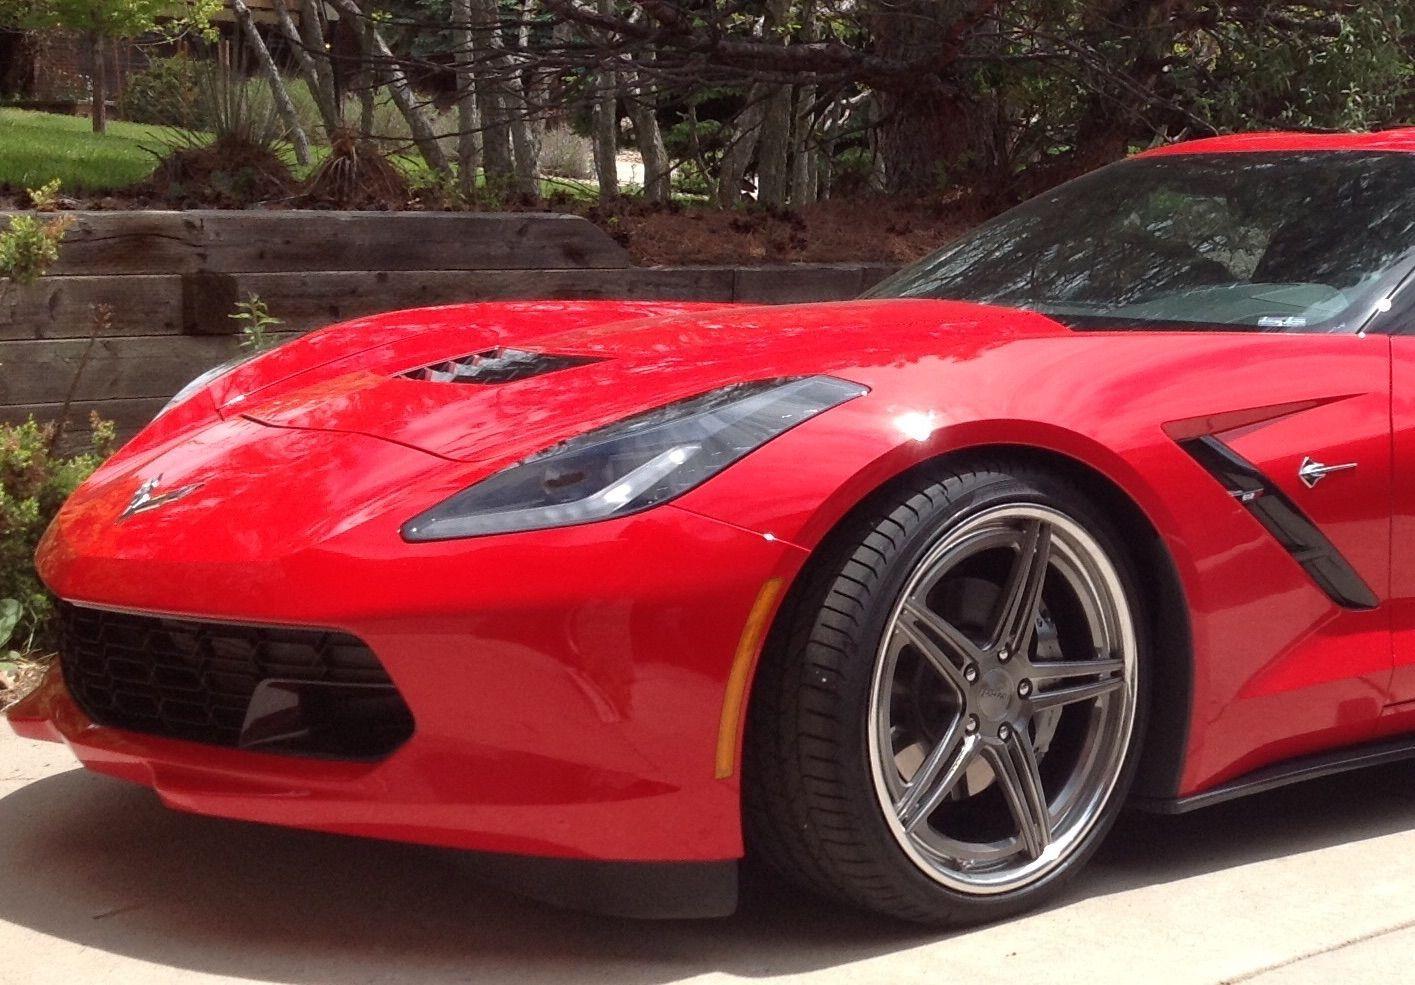 2014 Chevrolet Corvette | C7 Corvette on Forgeline SC3C-SL Wheels